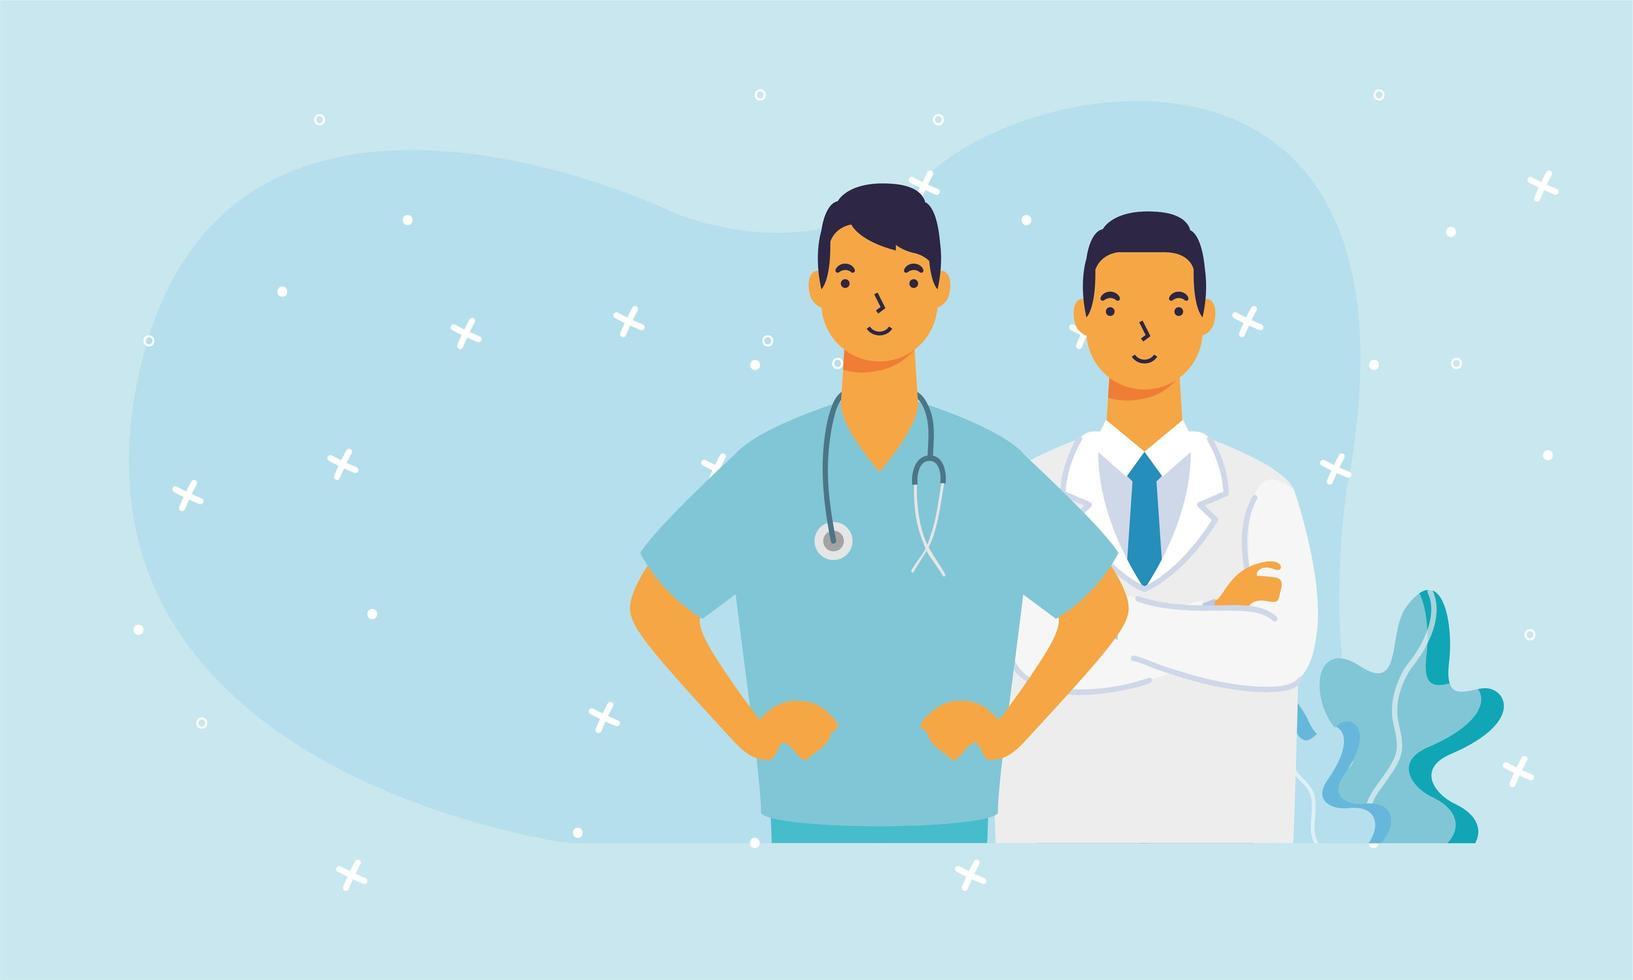 mannelijke artsen met uniformen vector design